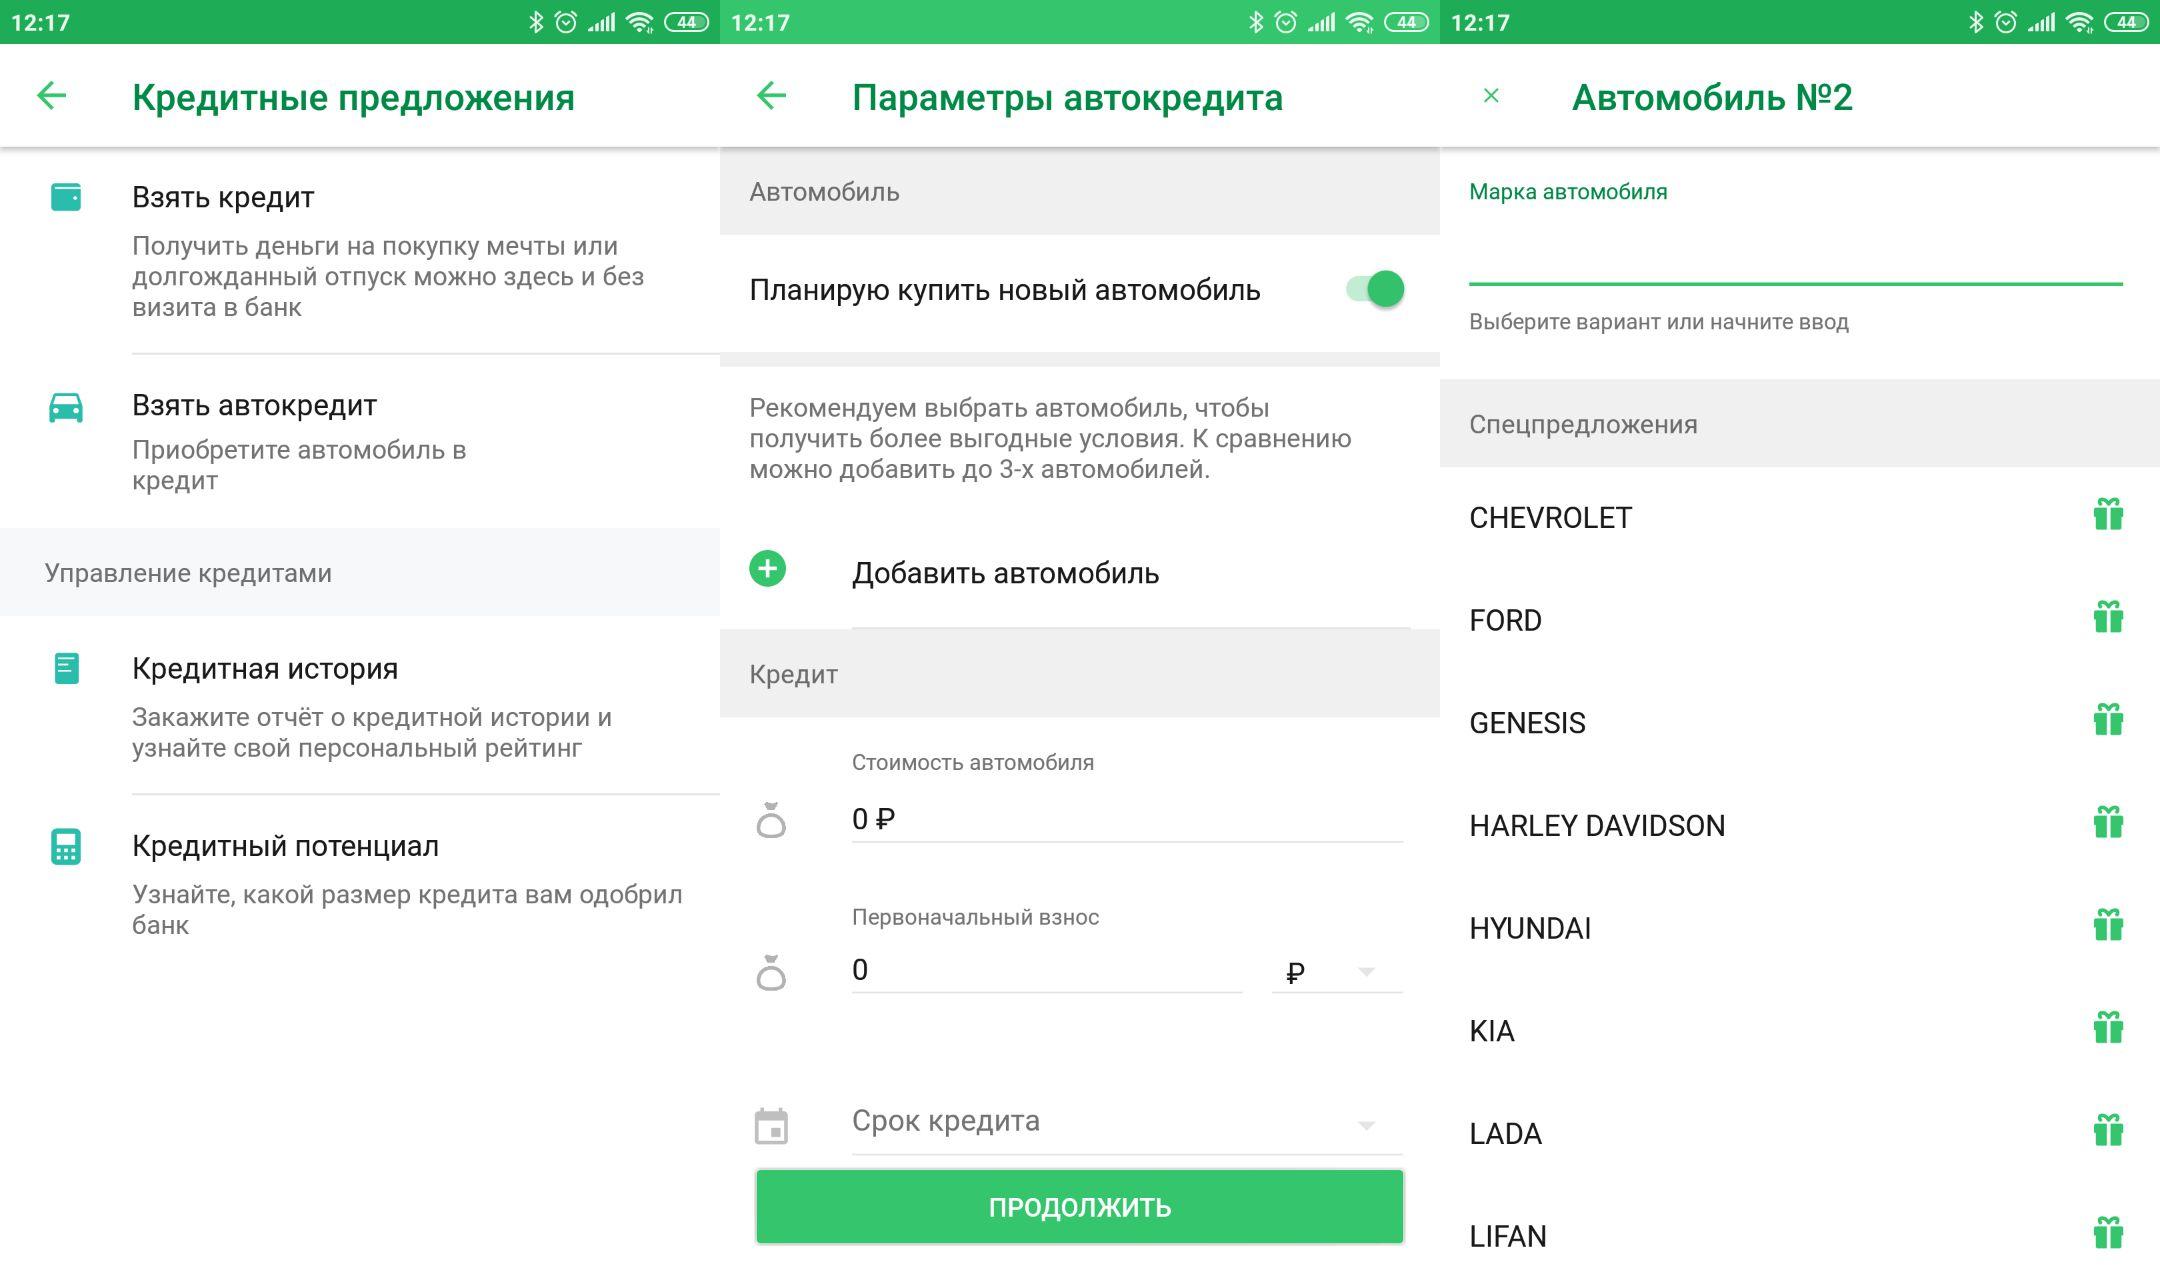 Крупнейший банк РФ займется продажей авто